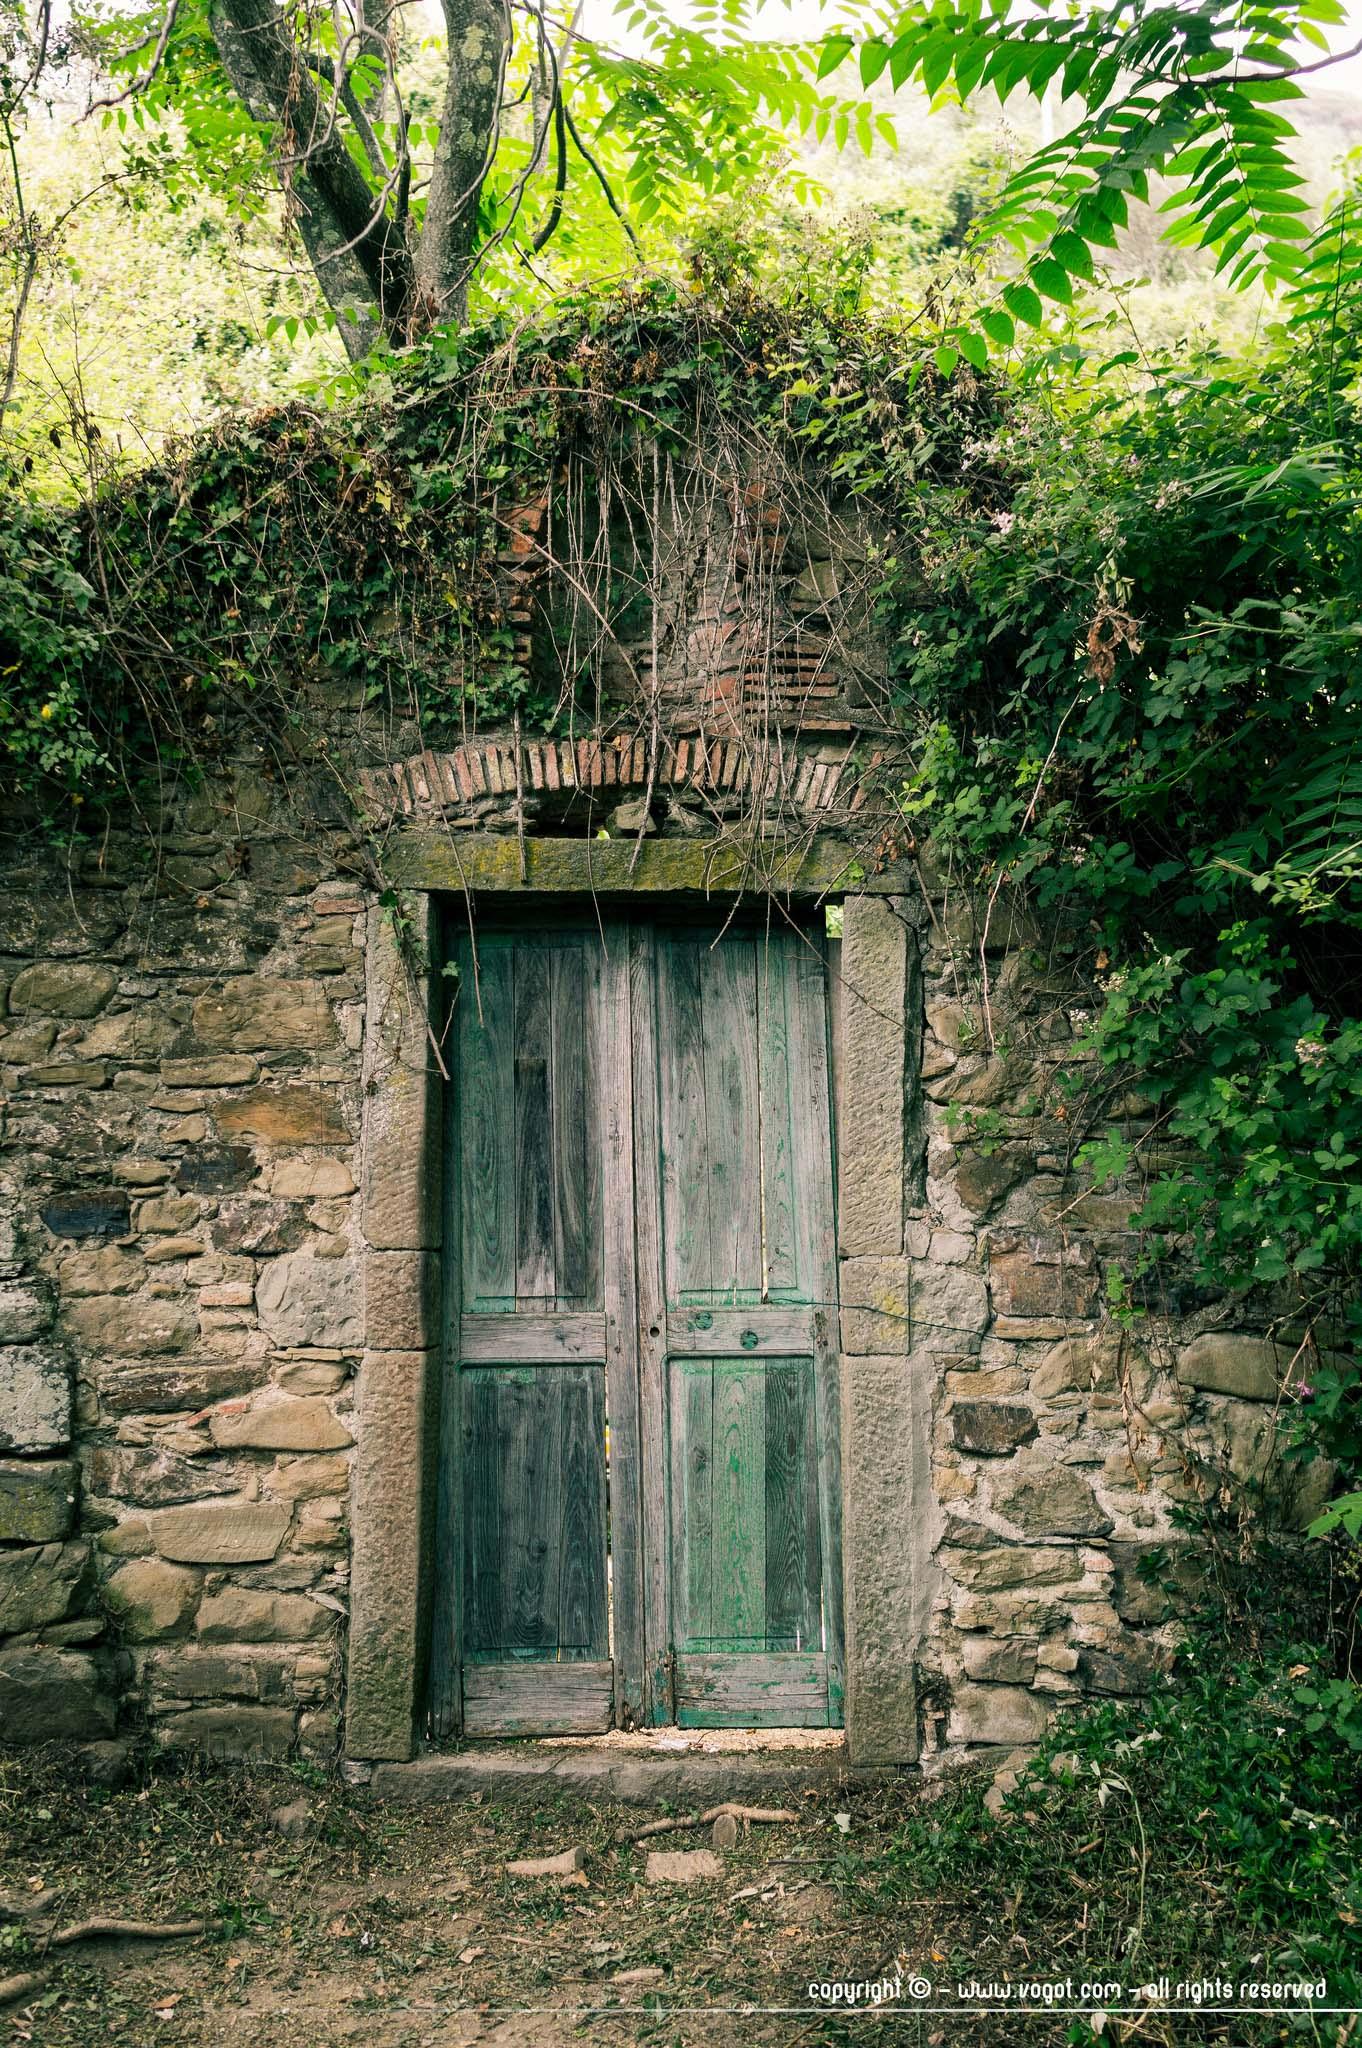 Une porte en bois vieilli dans un mur en pierre envahi de végétation sur le sentier azzurro